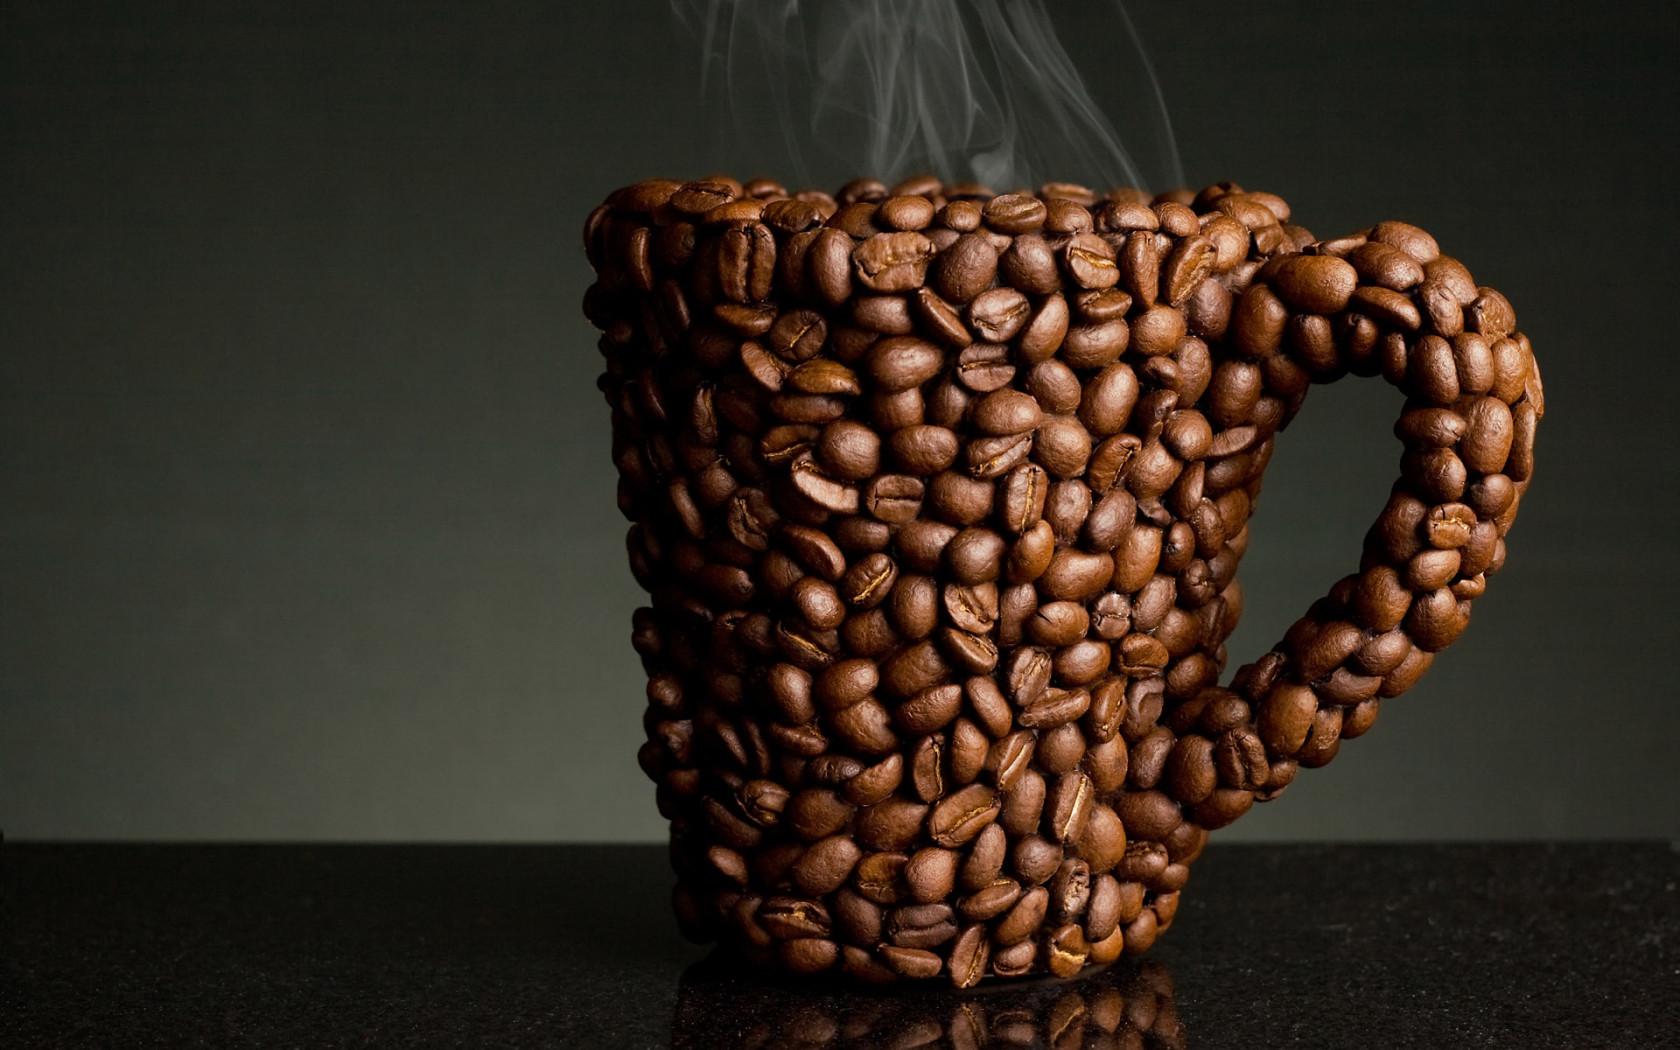 кружка кофе из кофейных зерен, скачать фото, обои для рабочего стола